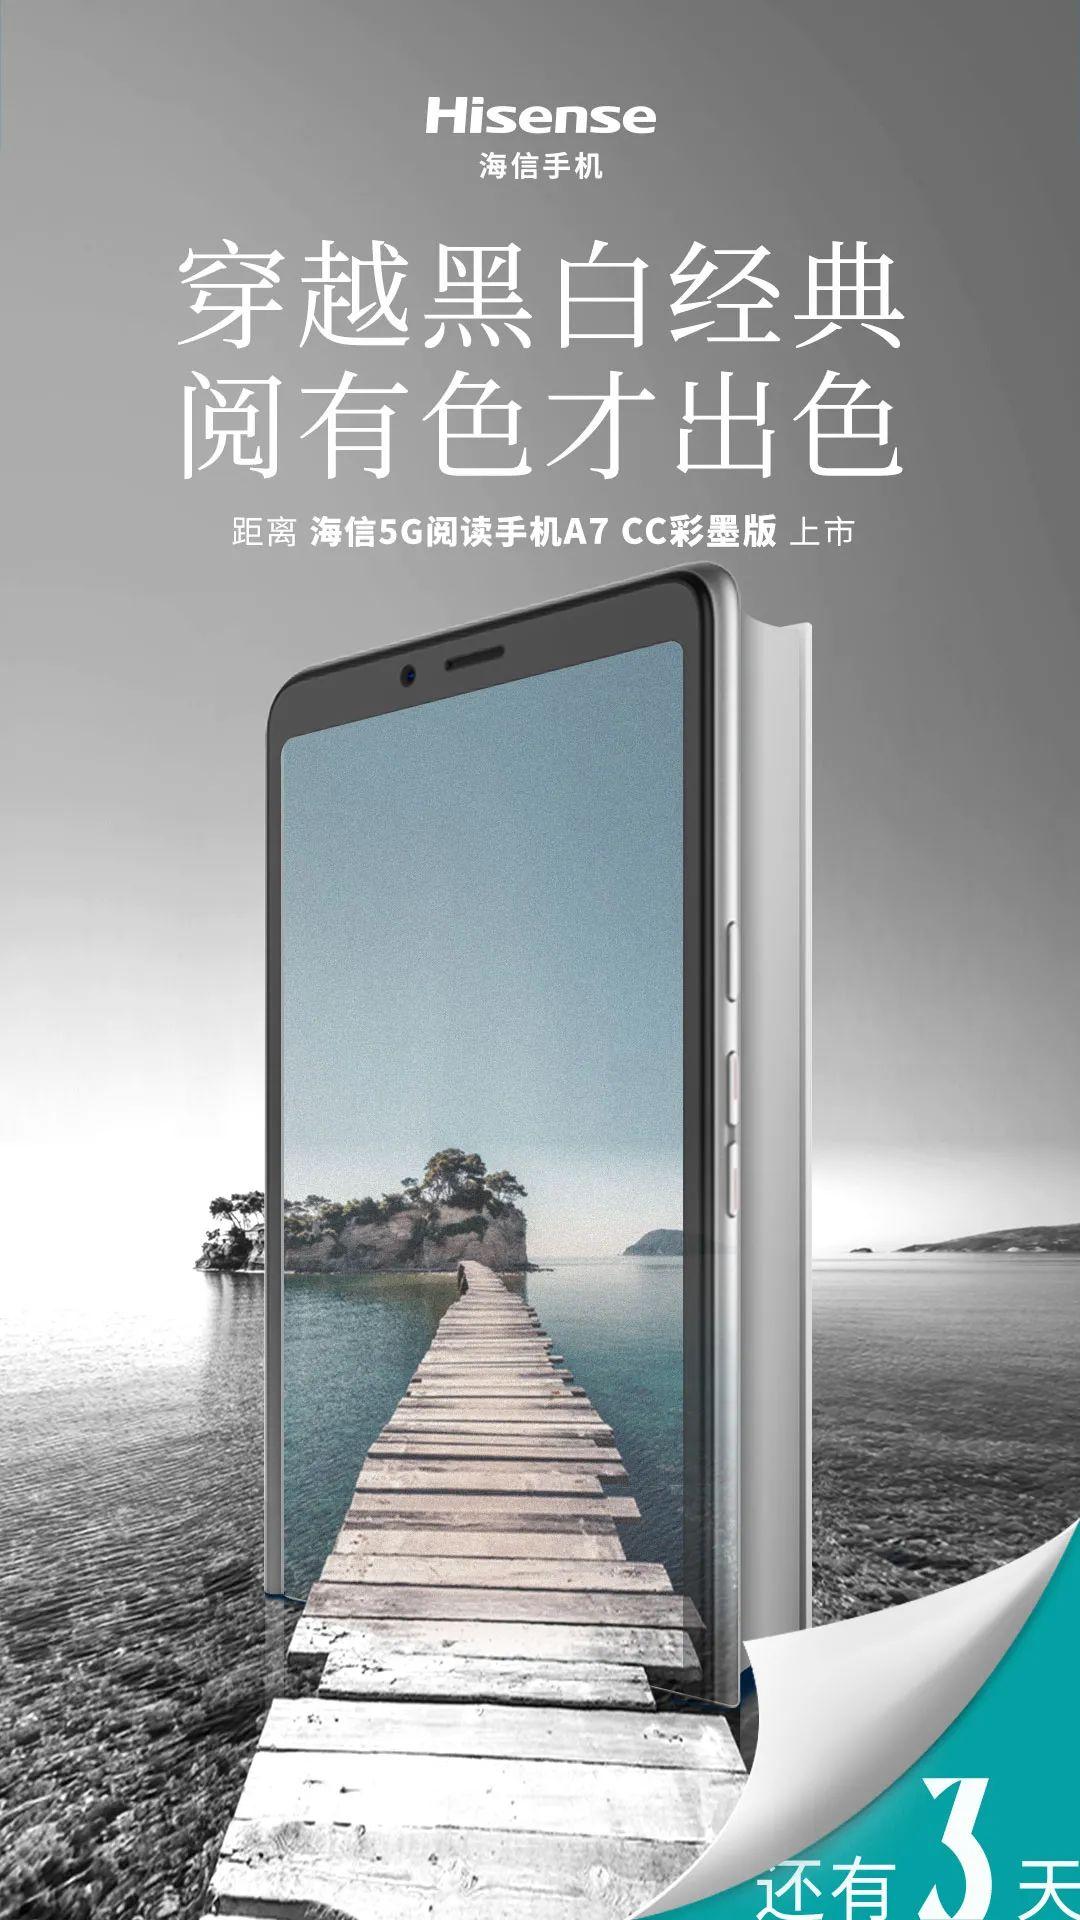 海信A7 CC彩墨屏手机 - 倒计时3天|不止黑白,阅读让生活更多彩!